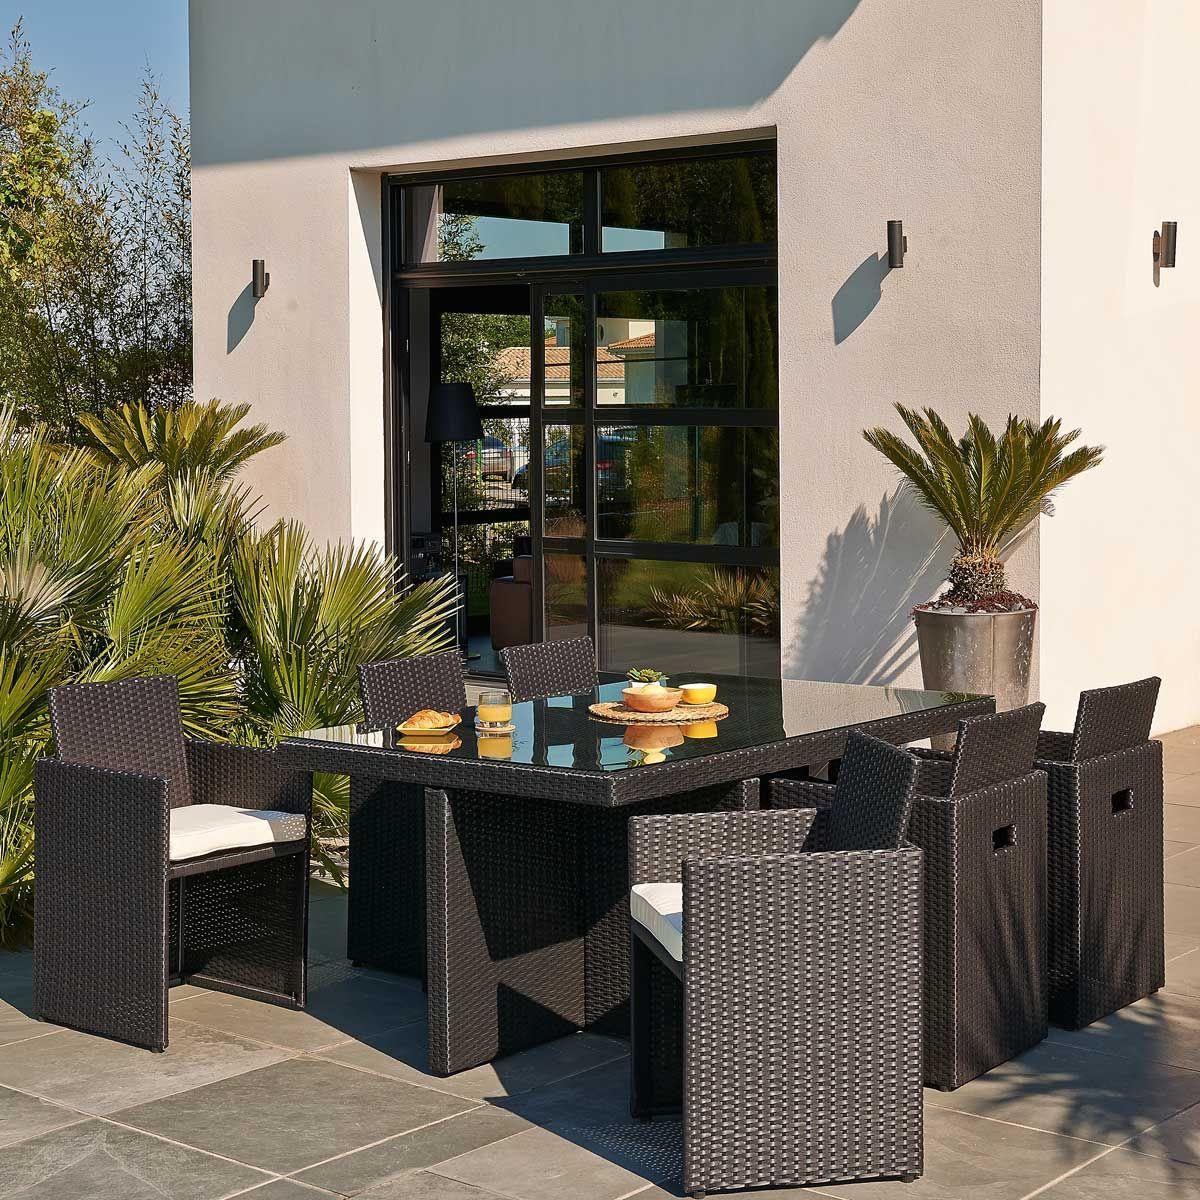 Salon de jardin 6 fauteuils encastrables en résine tressée coloris ...